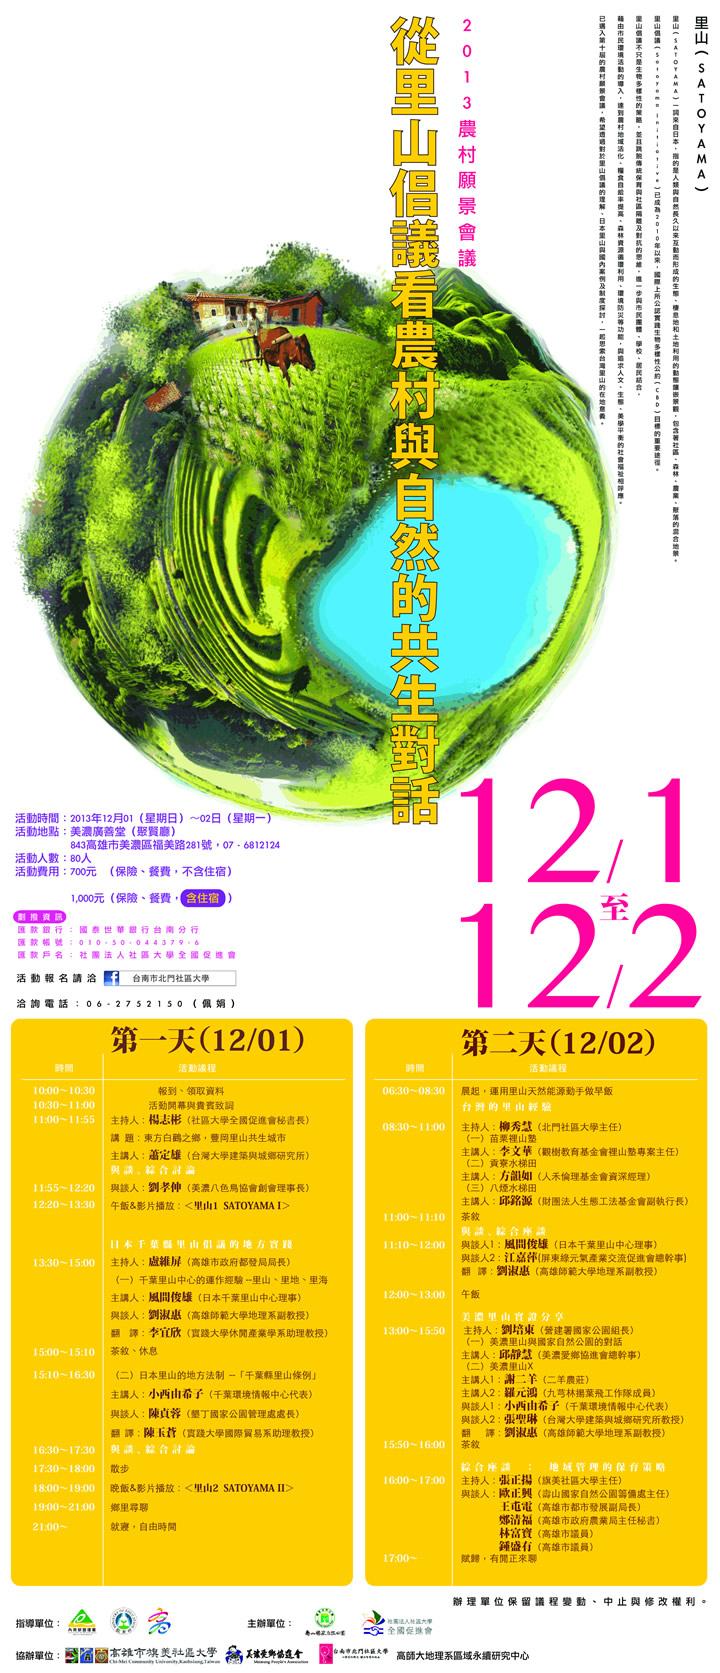 2013農村願景會議